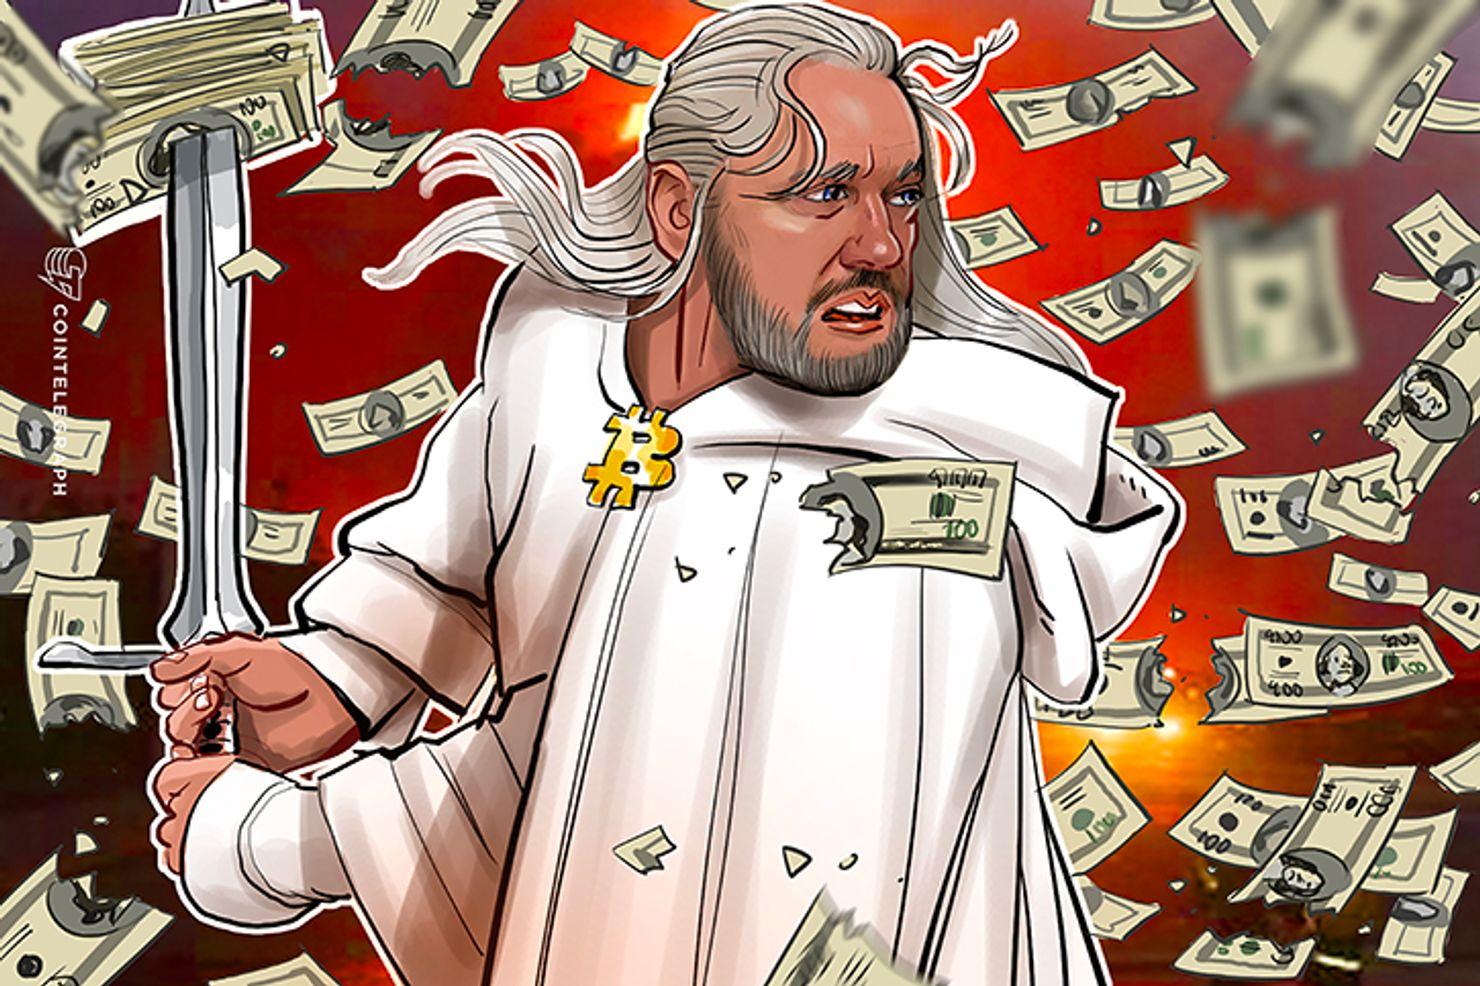 ウィキリークスへのビットコイン寄付 創始者逮捕後に急増